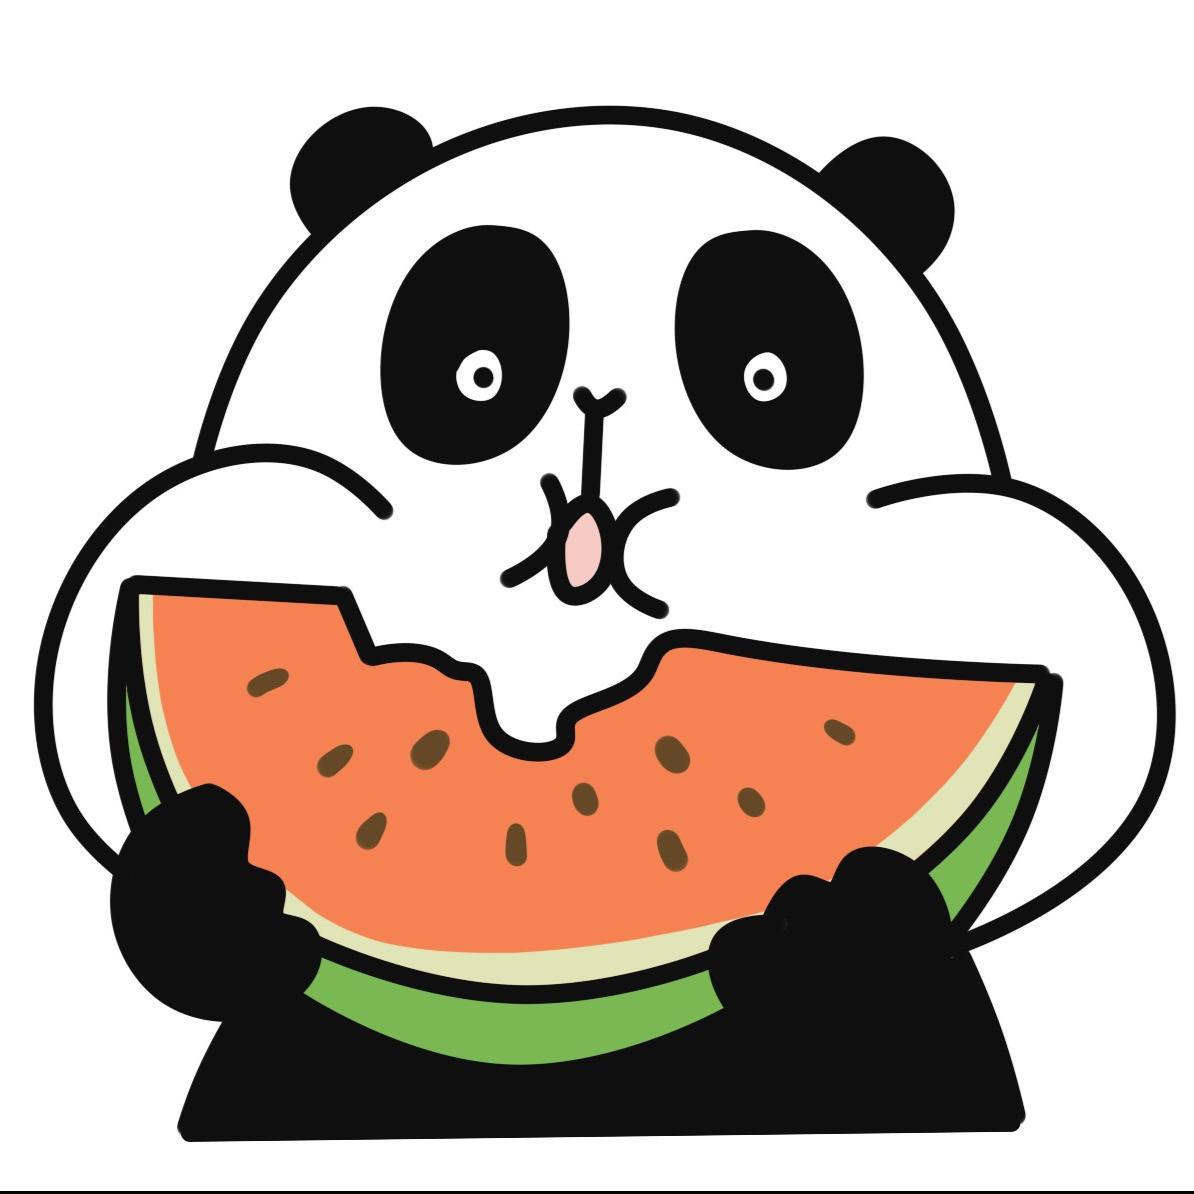 小肆爱吃瓜